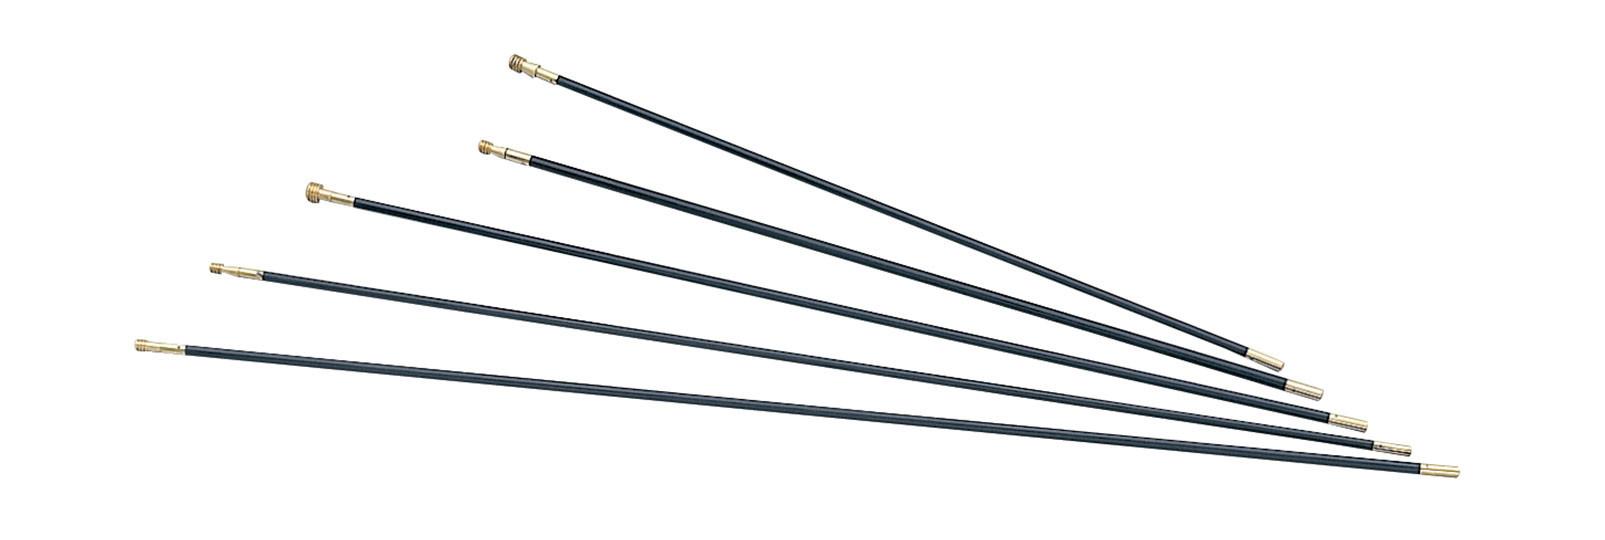 Fiber rod 9x830 mm